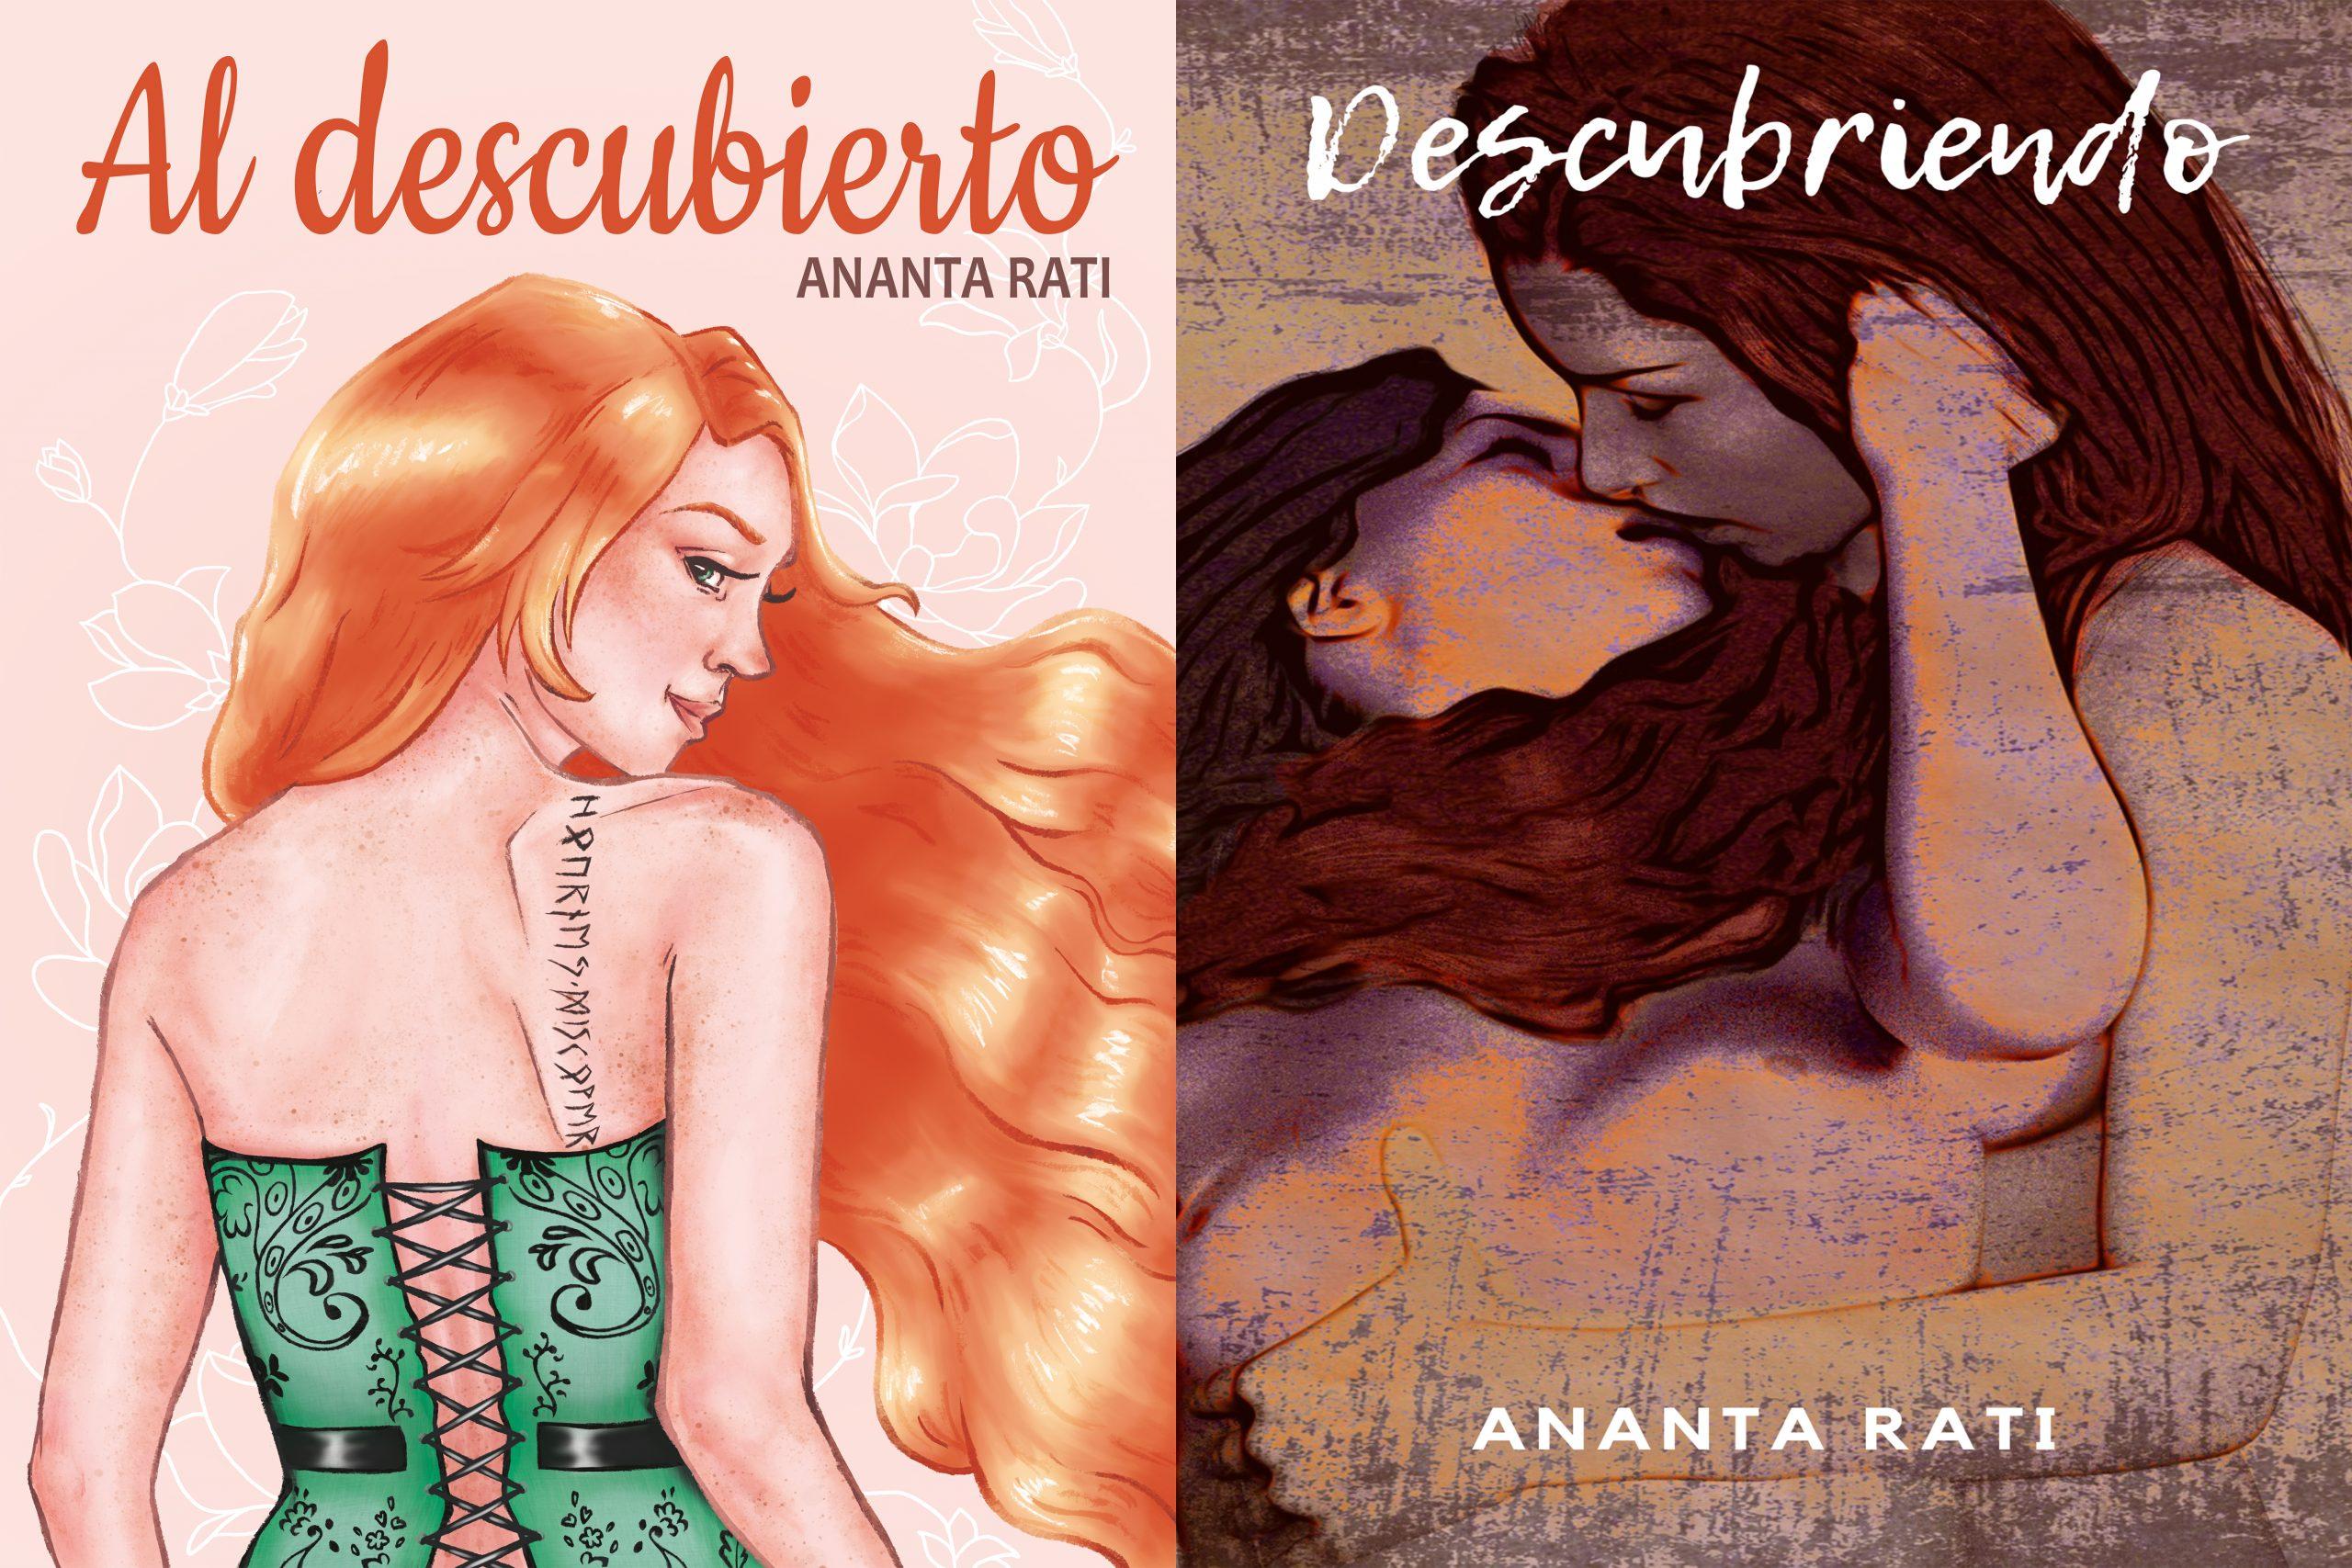 Ananta Rati